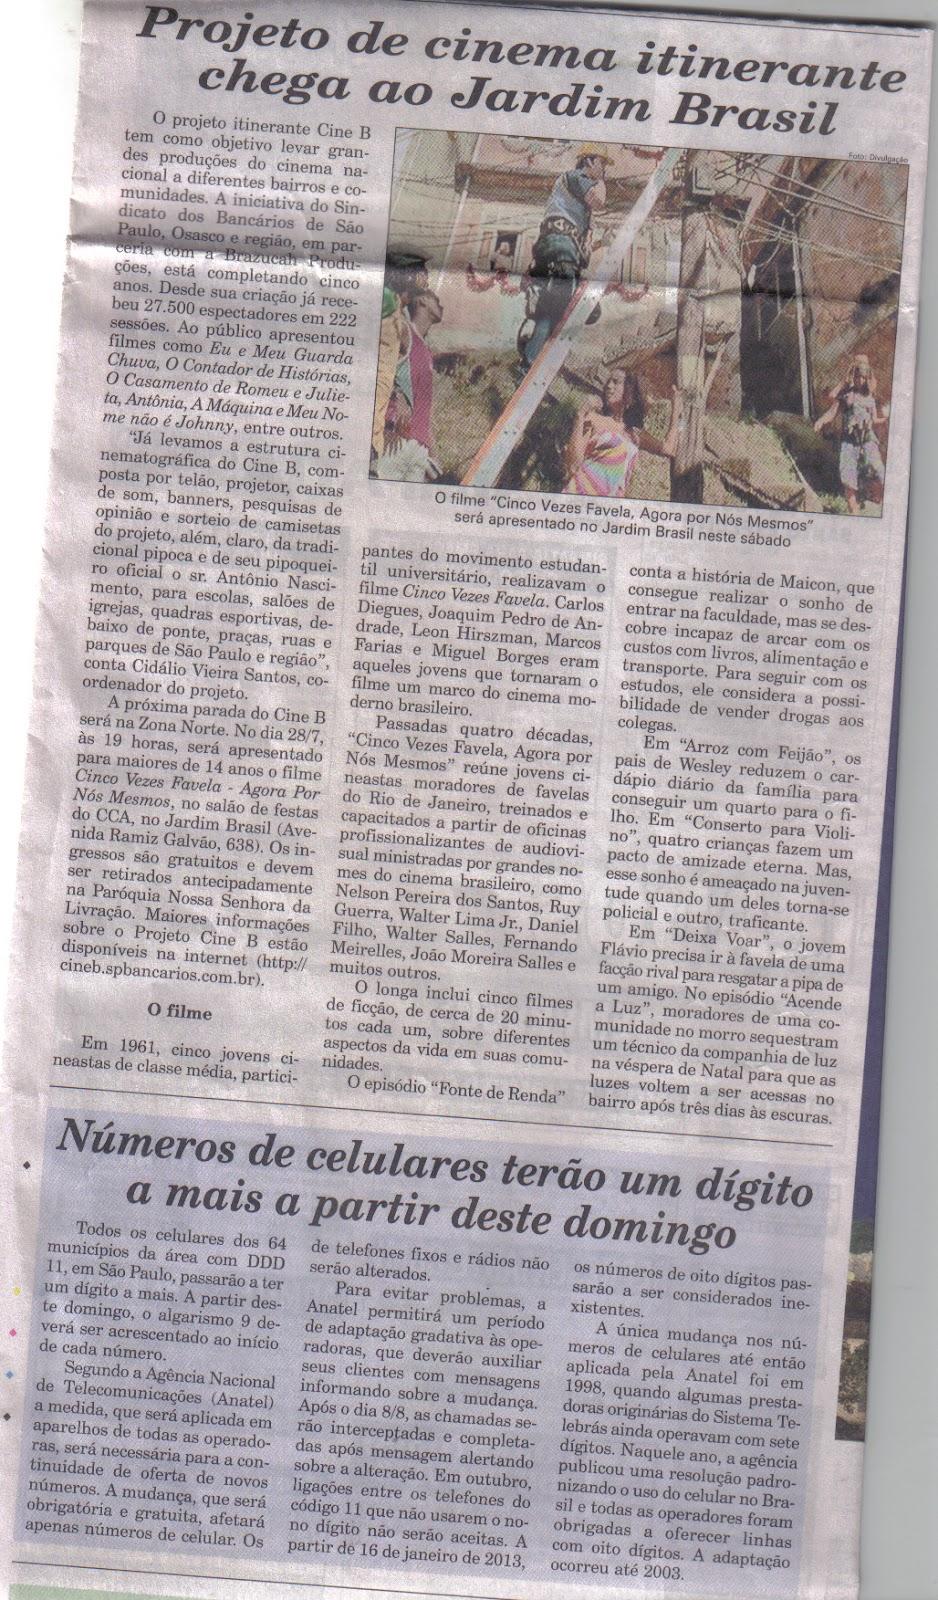 Aparador Colonial De Madeira ~ Mais projeto de Cinema na Zona Norte Fonte Matéria do Jornal da Regi u00e3o (AGAZETA DA ZONA NORTE